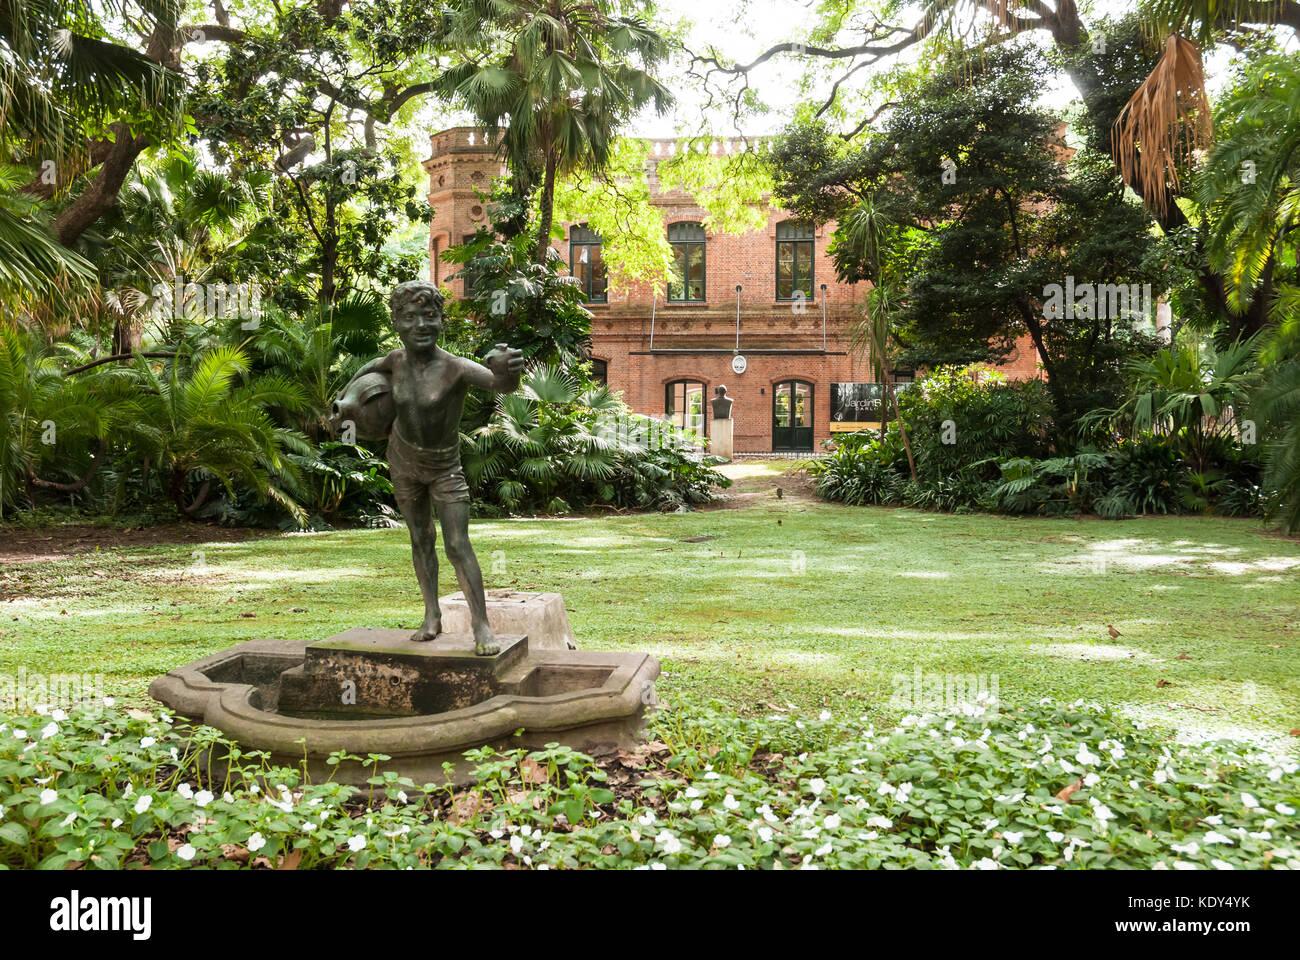 Buenos aires botanical garden stockfotos buenos aires for Amapola jardin de infantes palermo